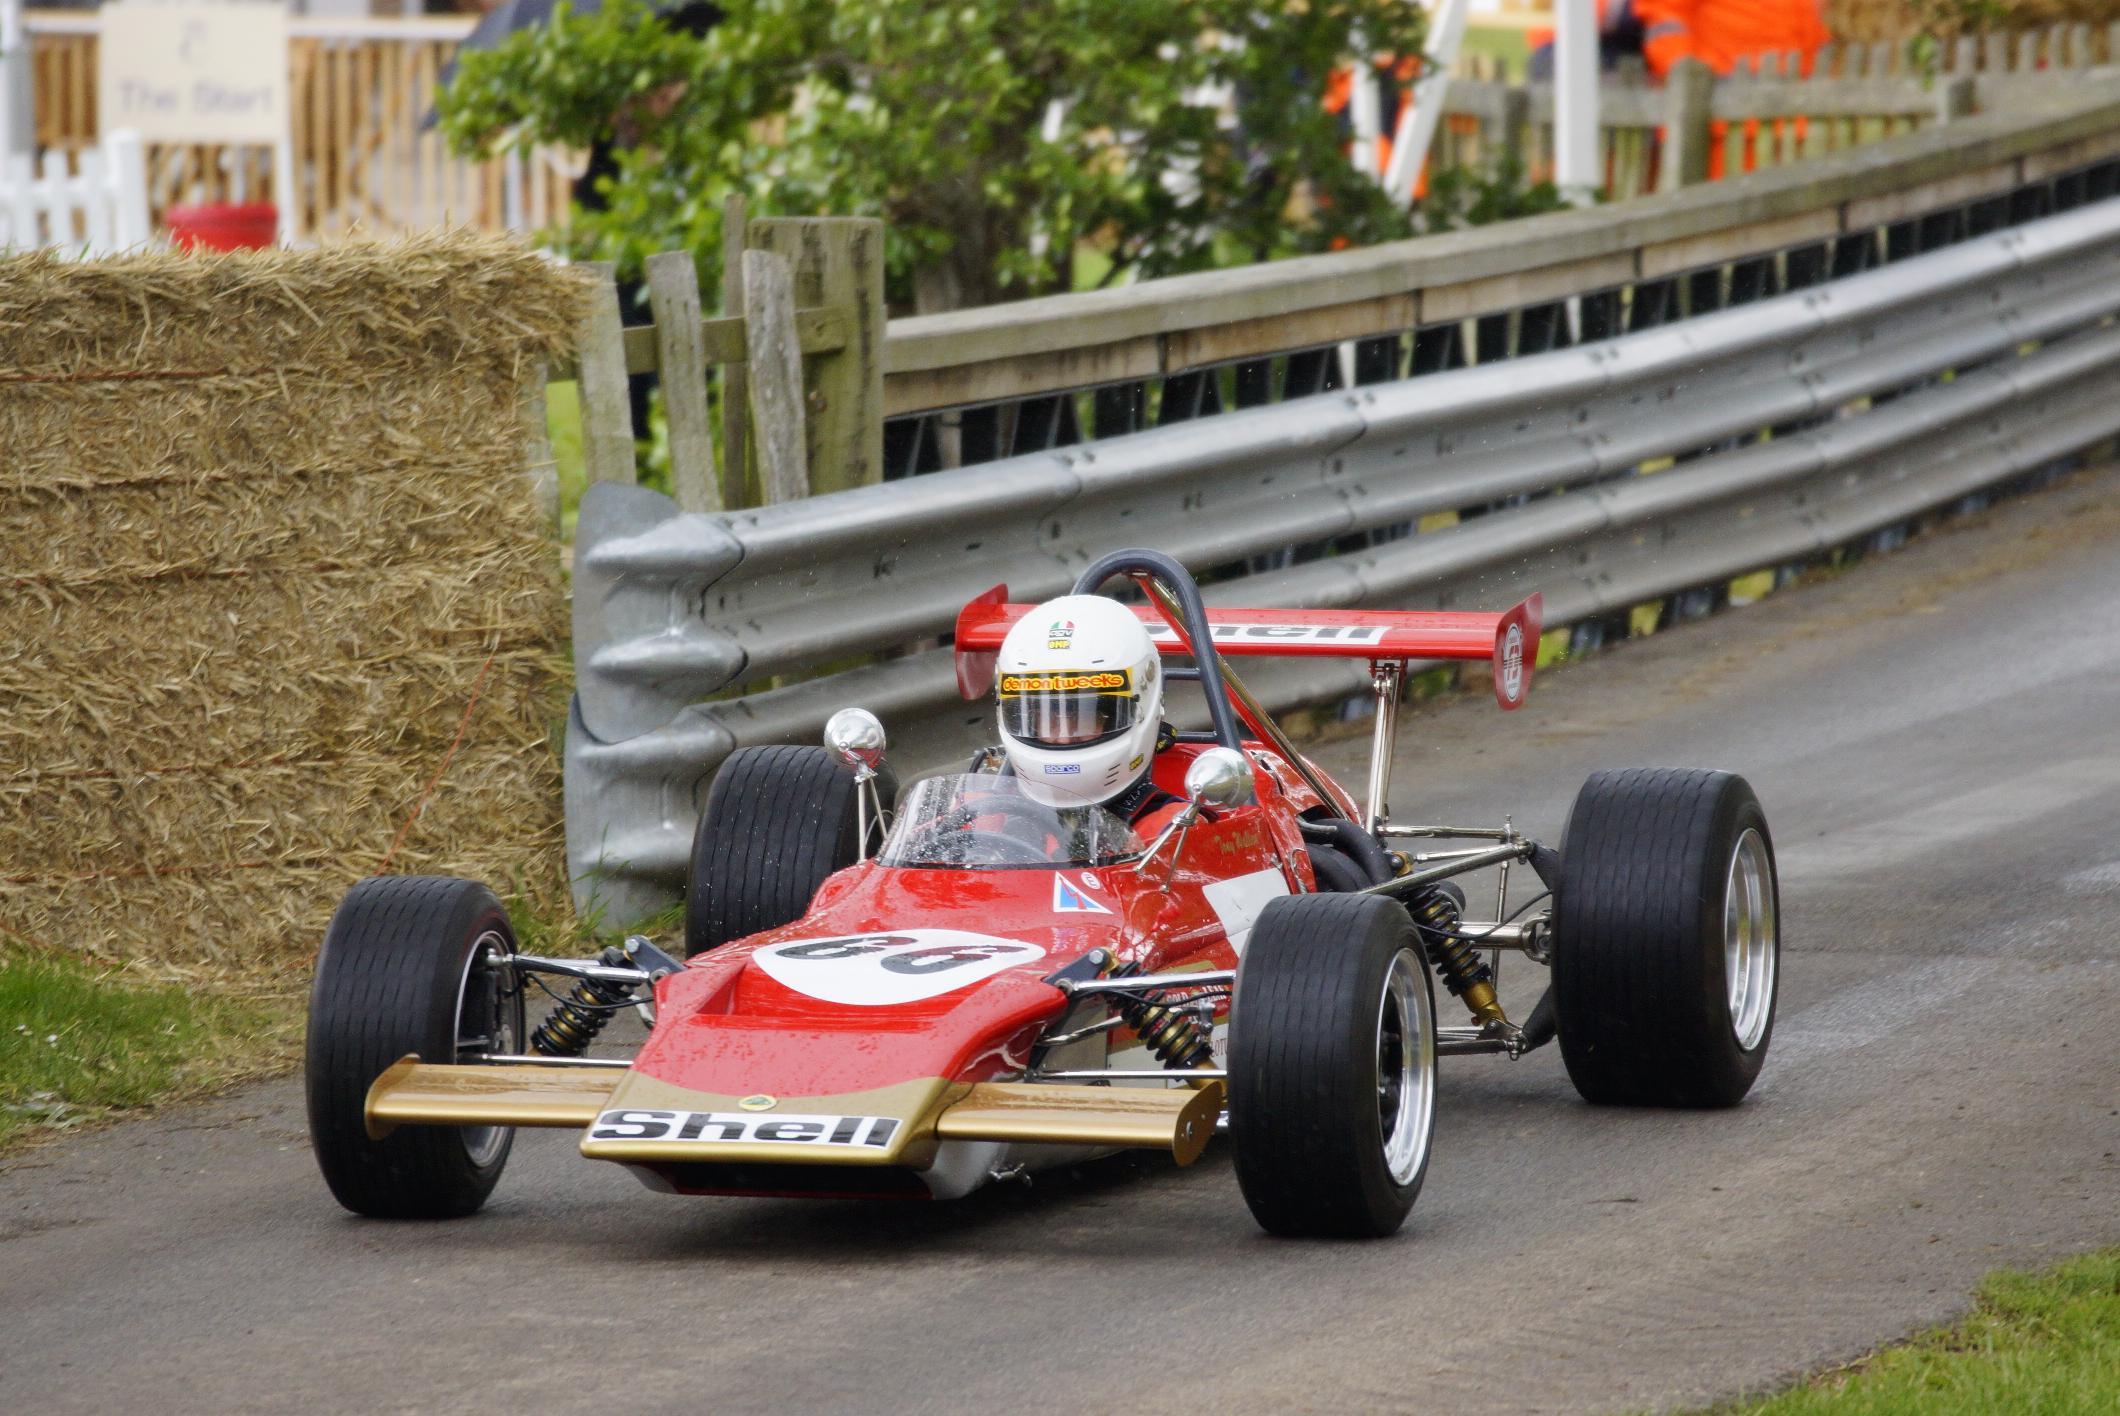 Lotus 69 F3 Cholmondeley 2012